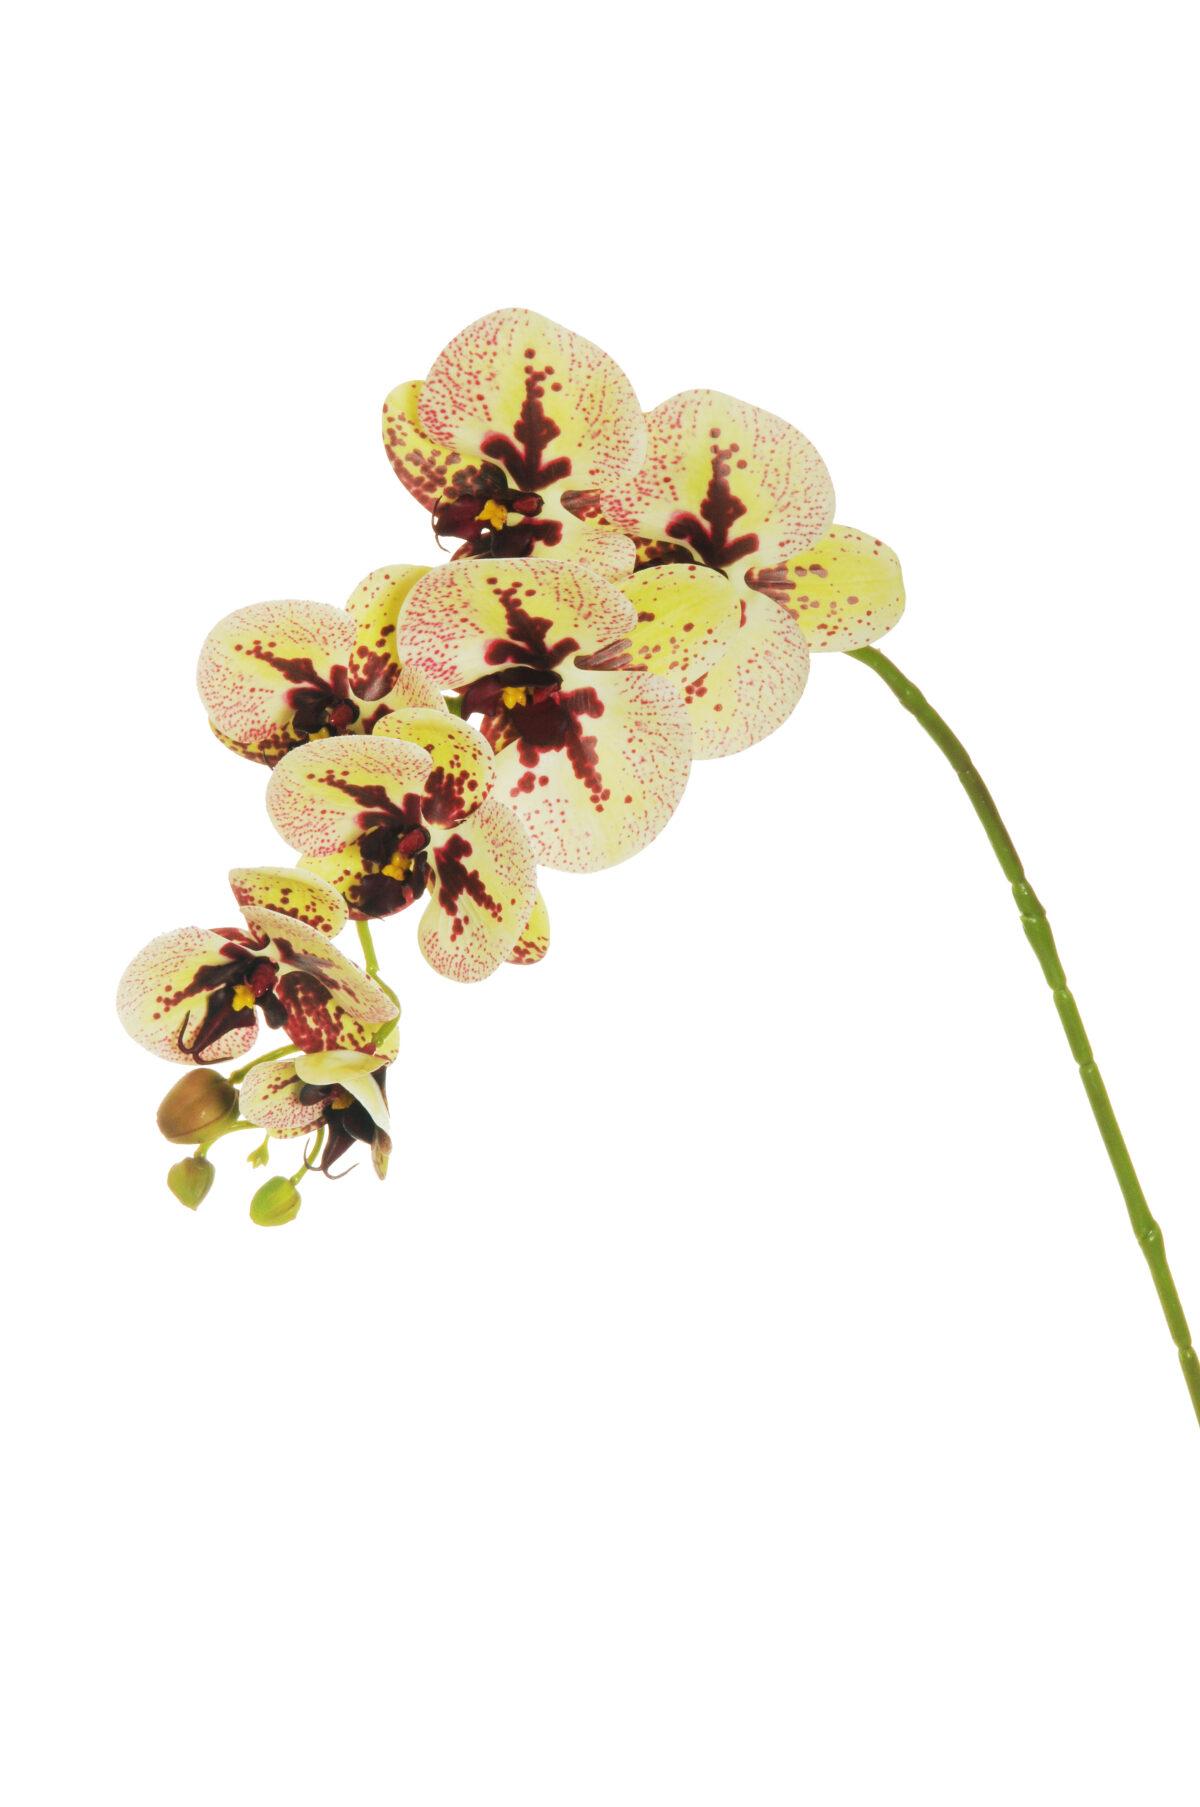 Ramo di orchidea phalenopsis artificiale dipinta in 3D di colore giallo chiaro e rosso burgundy con 7 fiori 77 cm